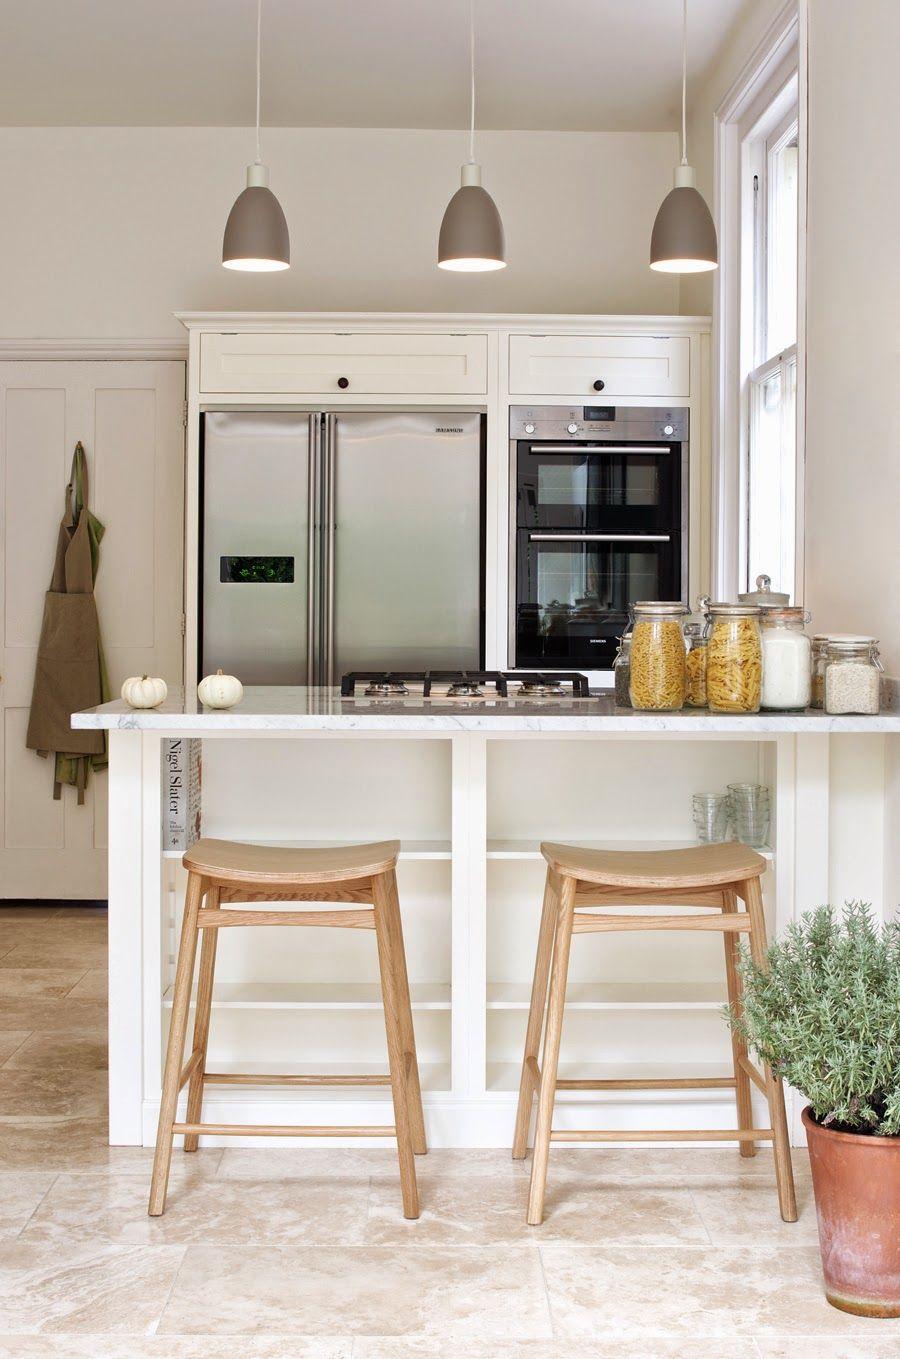 Küchenschrank ideen kleine küchen pin maudjesstyling  kitchen for future  pinterest  küche